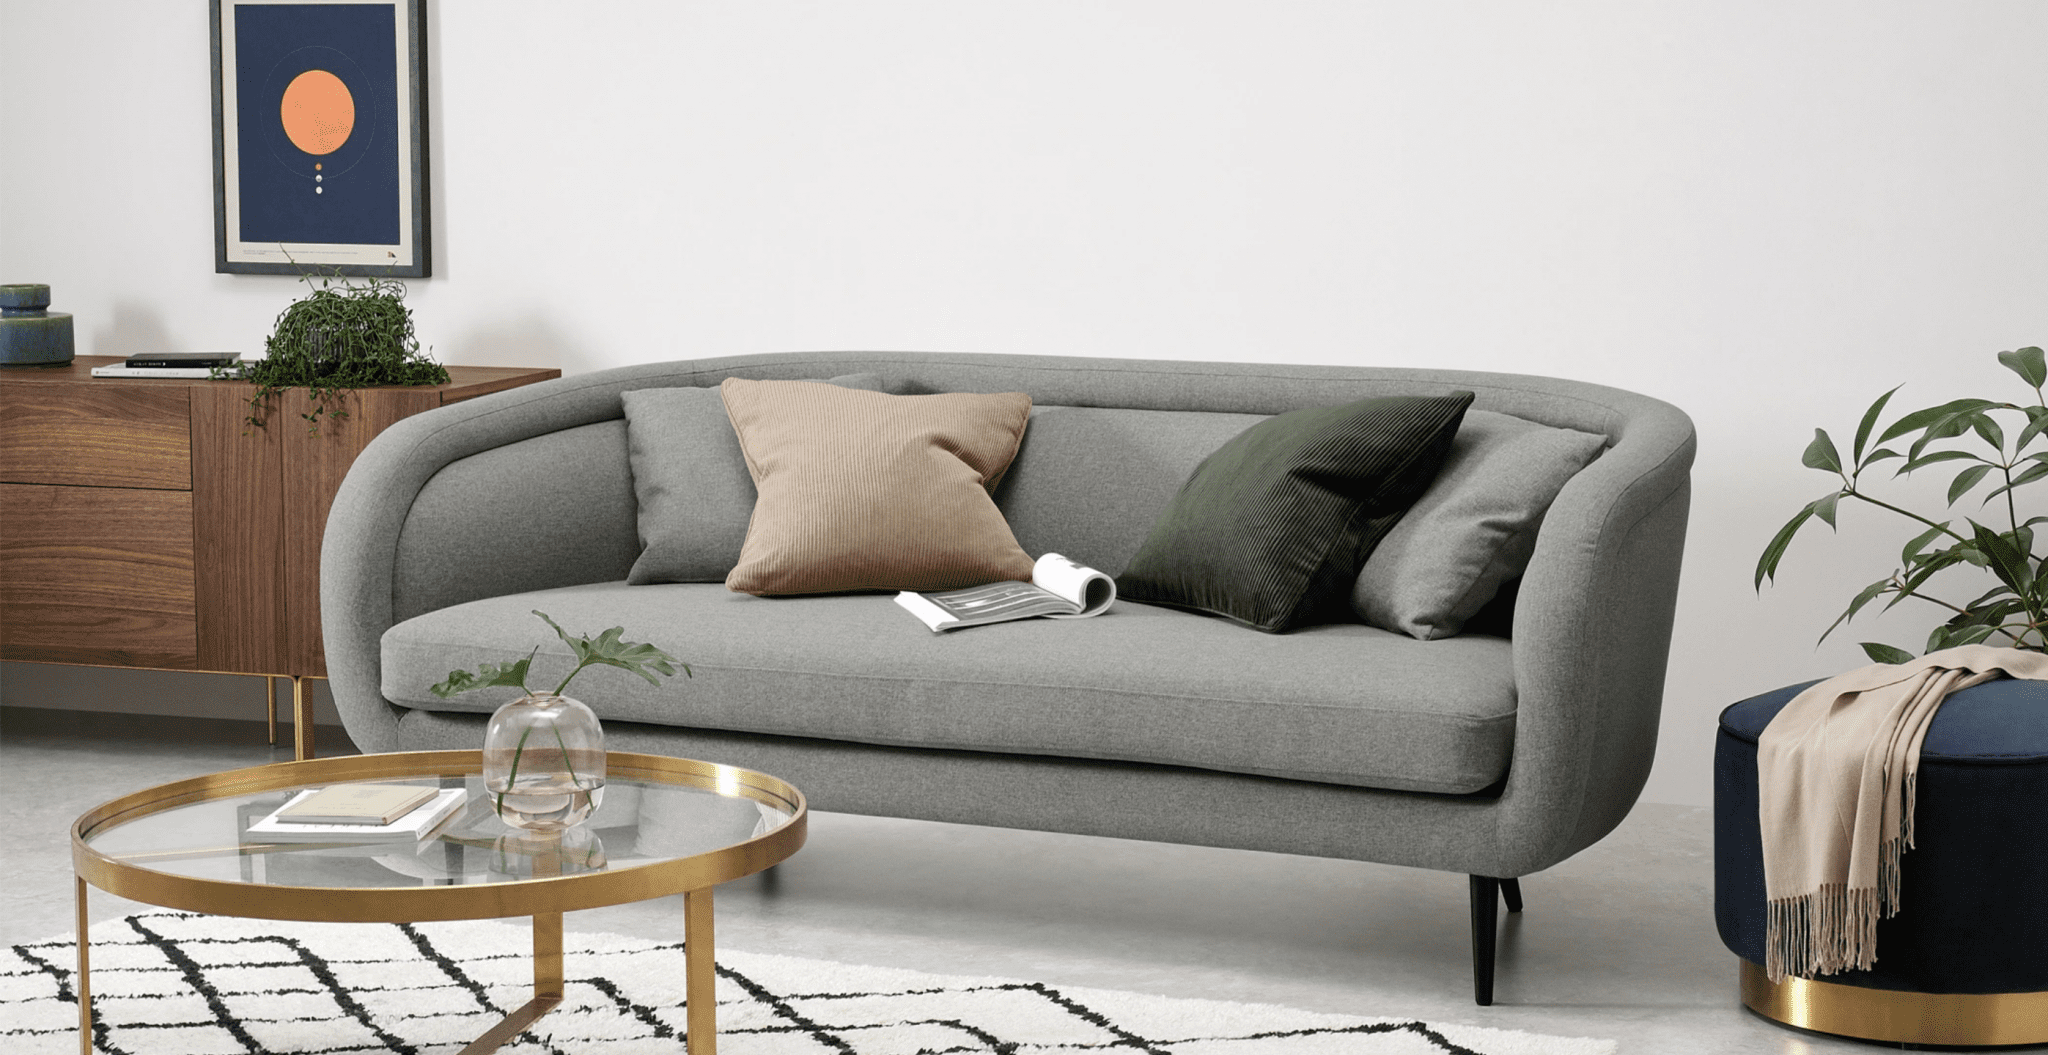 Comment bien choisir son canapé